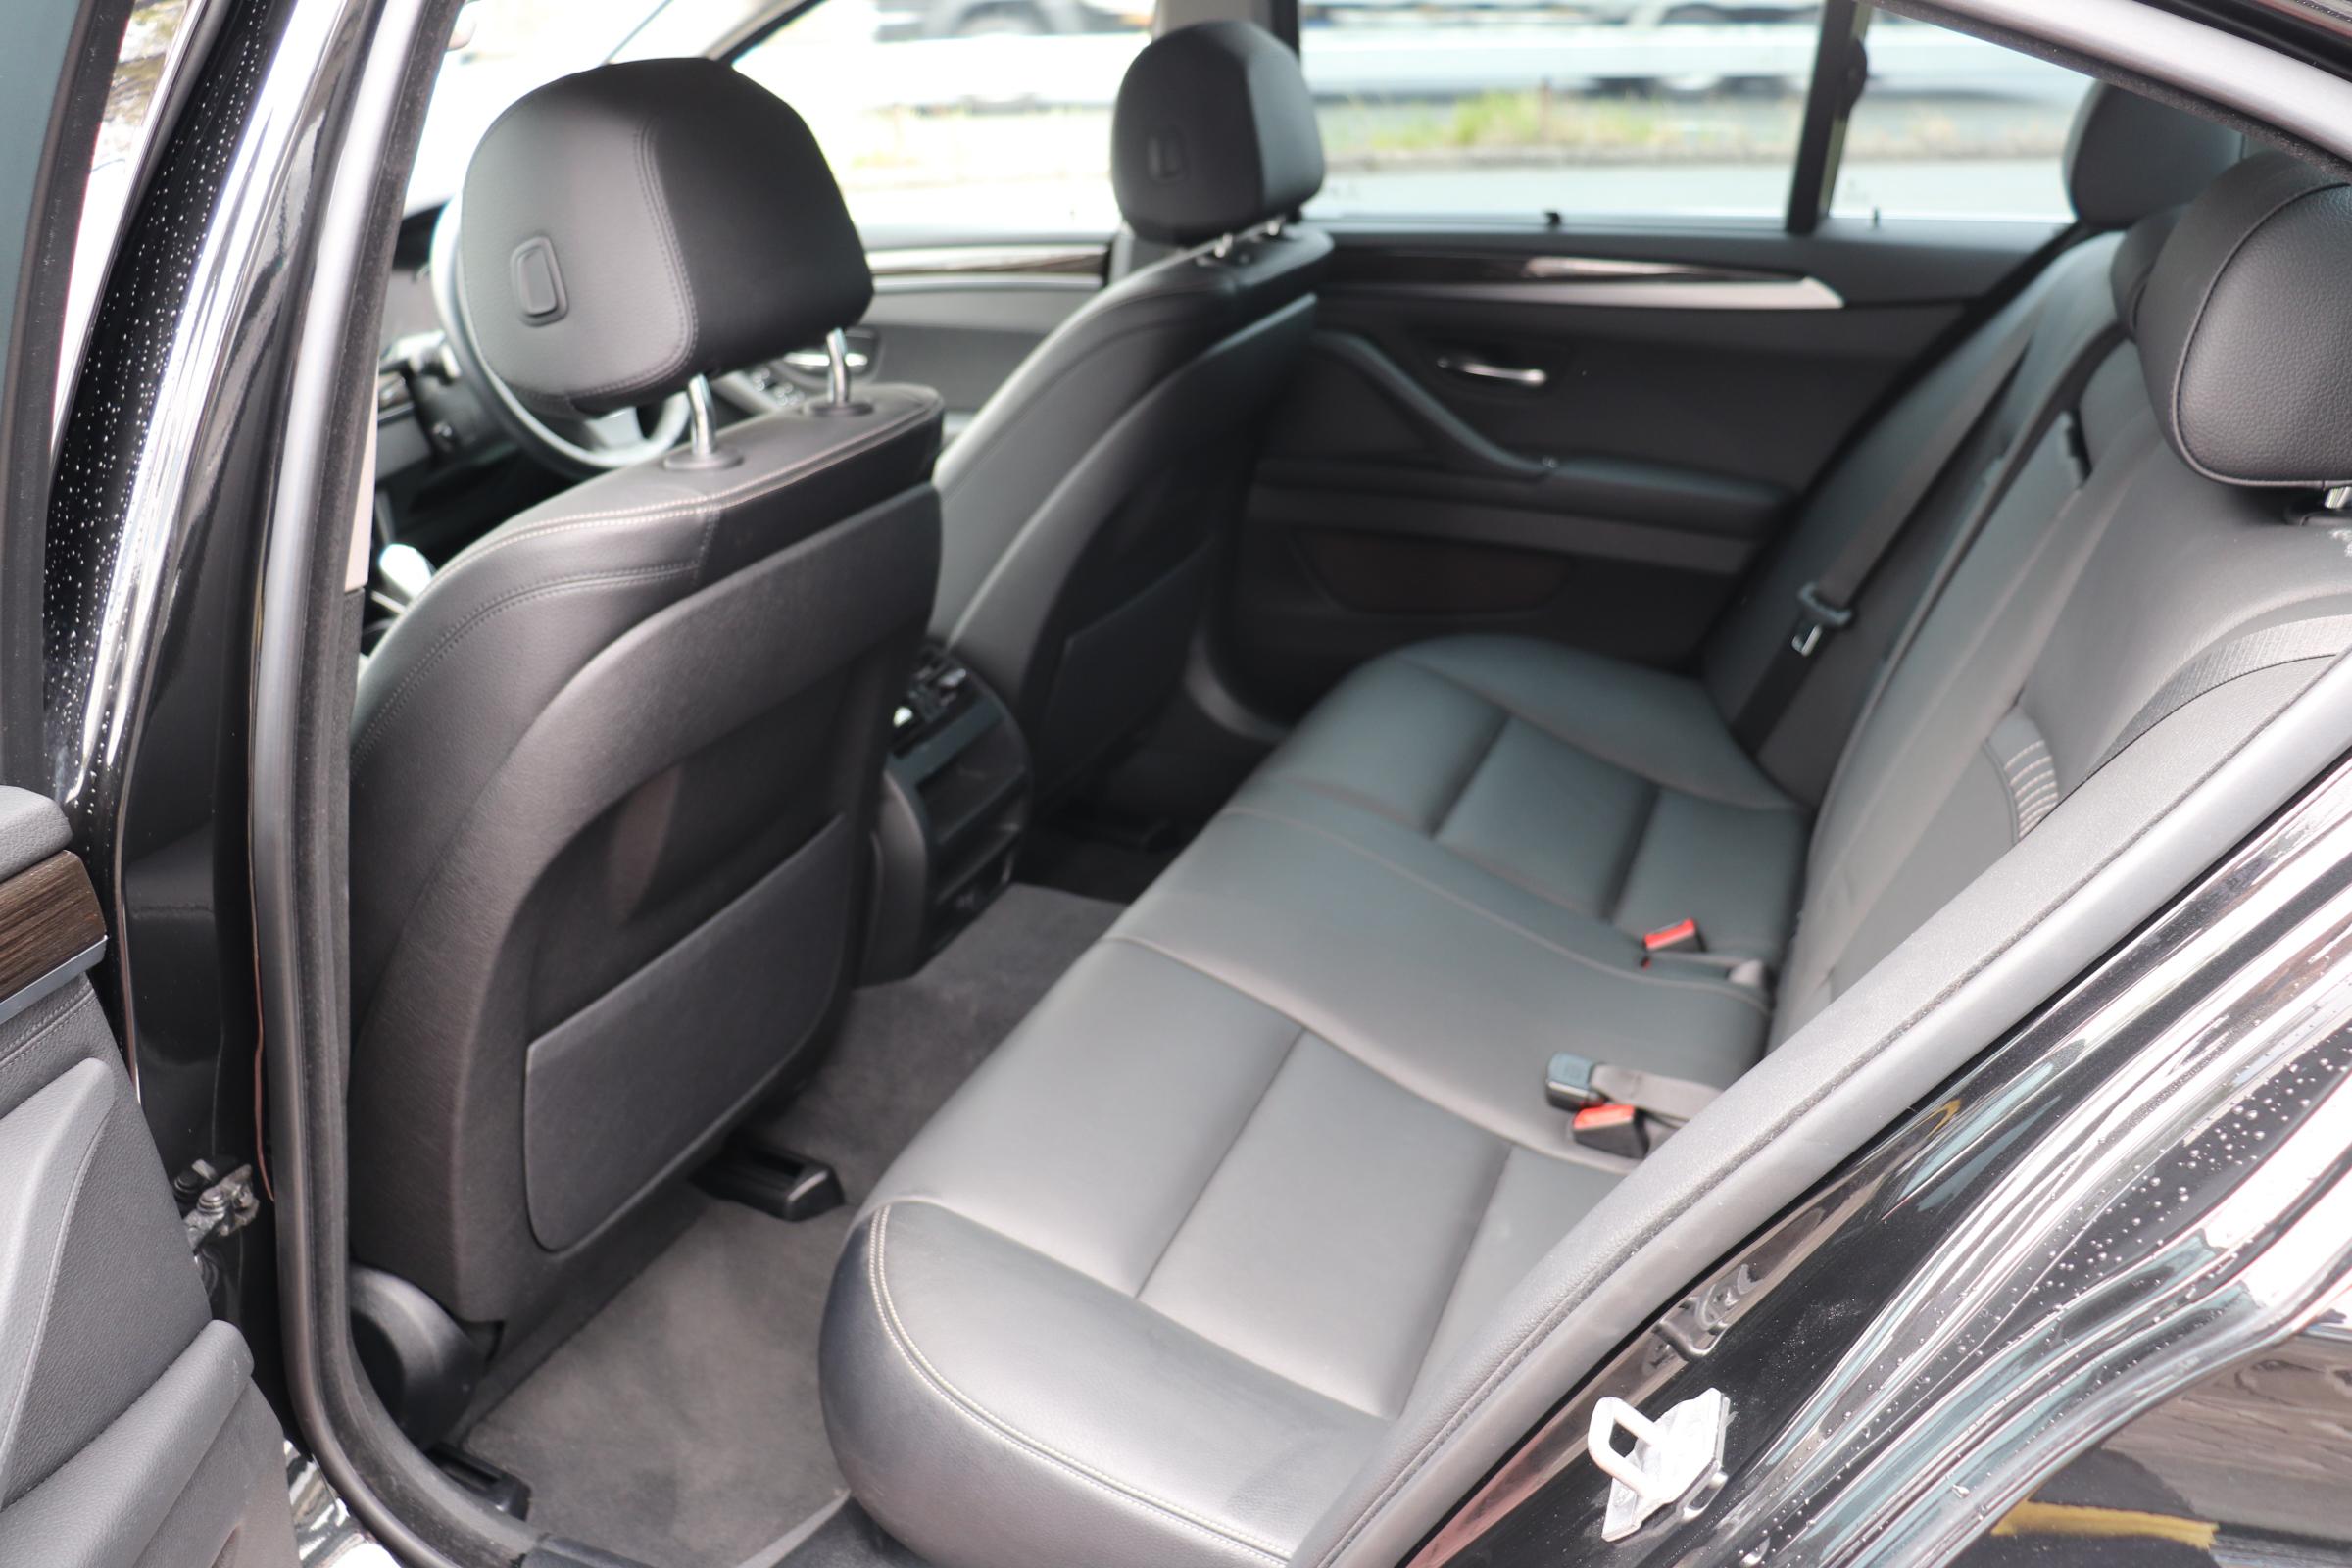 528iラグジュアリー BEAMコンプリートカー ワンオナ LEDヘッドライト マルチディスプレイメーター車両画像14